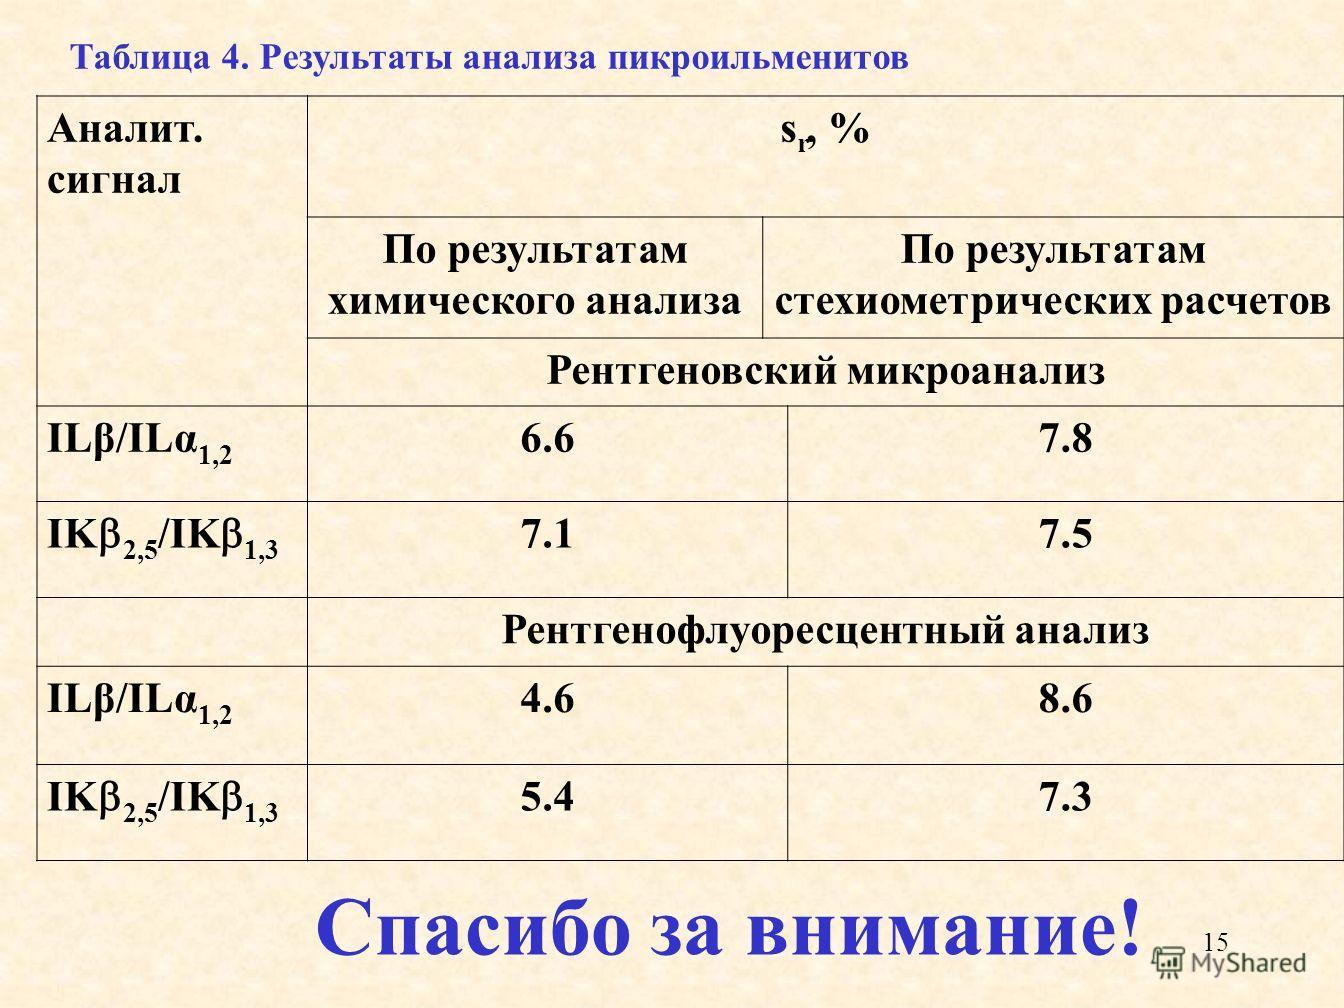 15 Спасибо за внимание! Аналит. сигнал s r, % По результатам химического анализа По результатам стехиометрических расчетов Рентгеновский микроанализ ILβ/ILα 1,2 6.67.8 IK 2,5 /IK 1,3 7.17.5 Рентгенофлуоресцентный анализ ILβ/ILα 1,2 4.68.6 IK 2,5 /IK